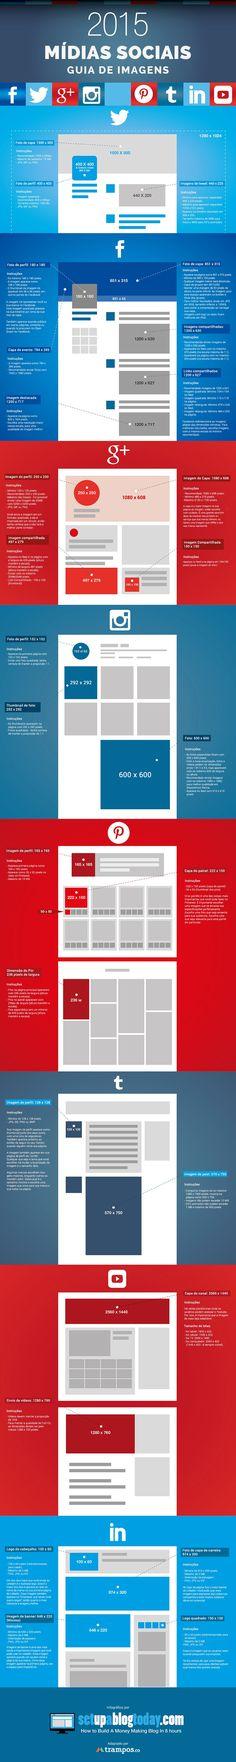 Otimize suas plataformas de mídias sociais usando imagens de tamanho certo. Este guia completo pode te ajudar a se destacar entre outras marcas.